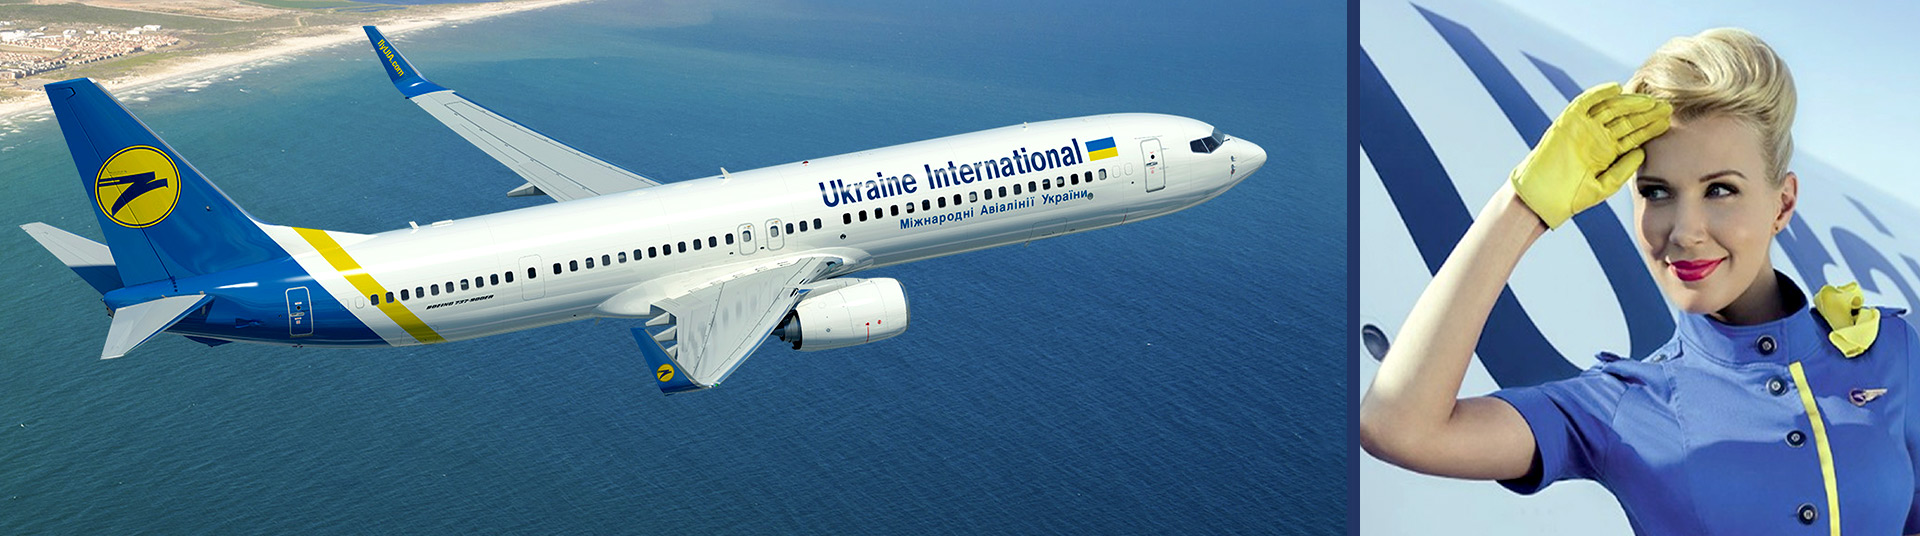 Ukraine international airlines ps r servez un vol for Air madagascar vol interieur horaire